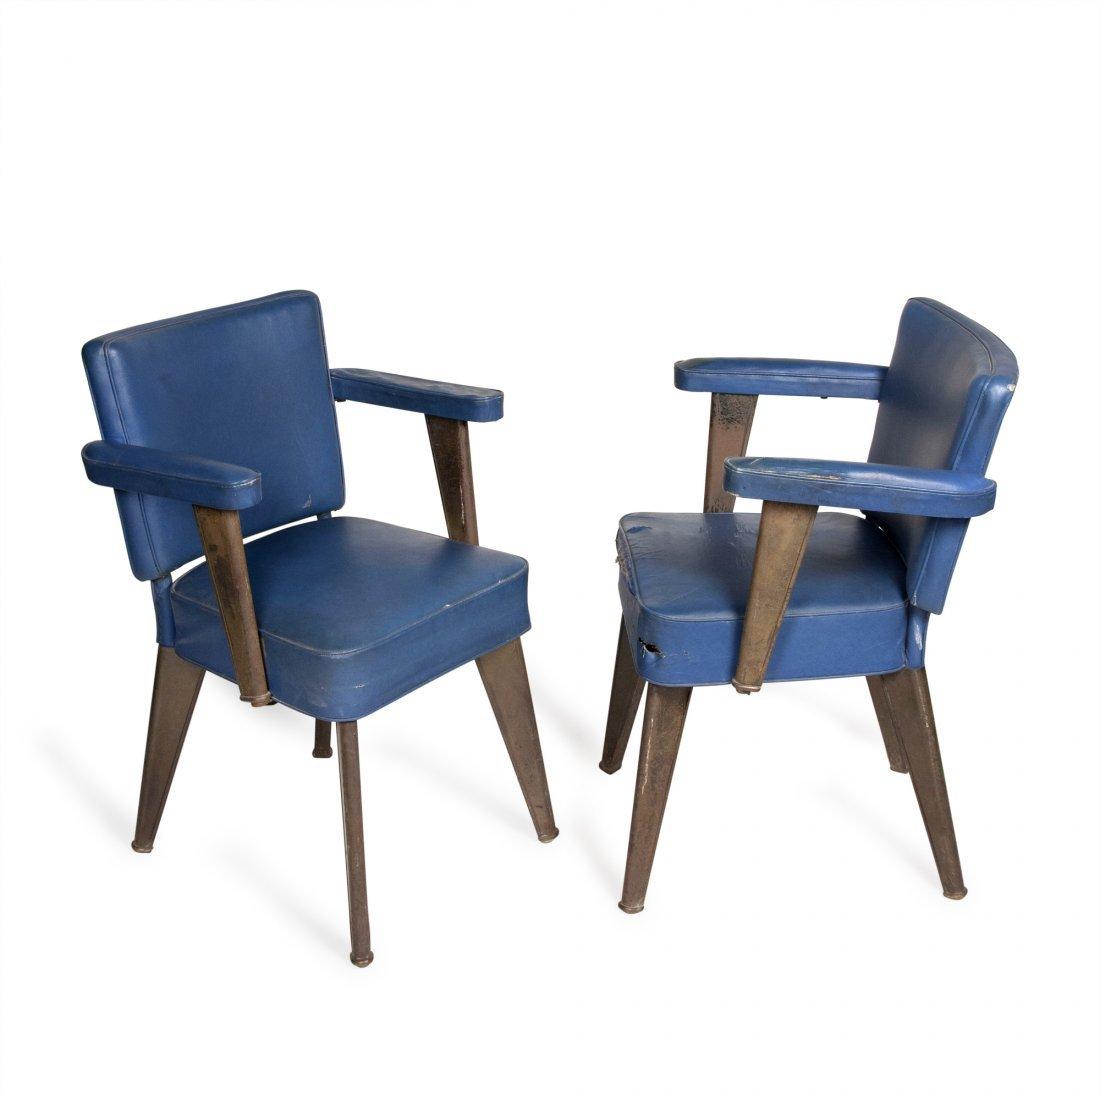 Dominique Desk Chairs, Pair